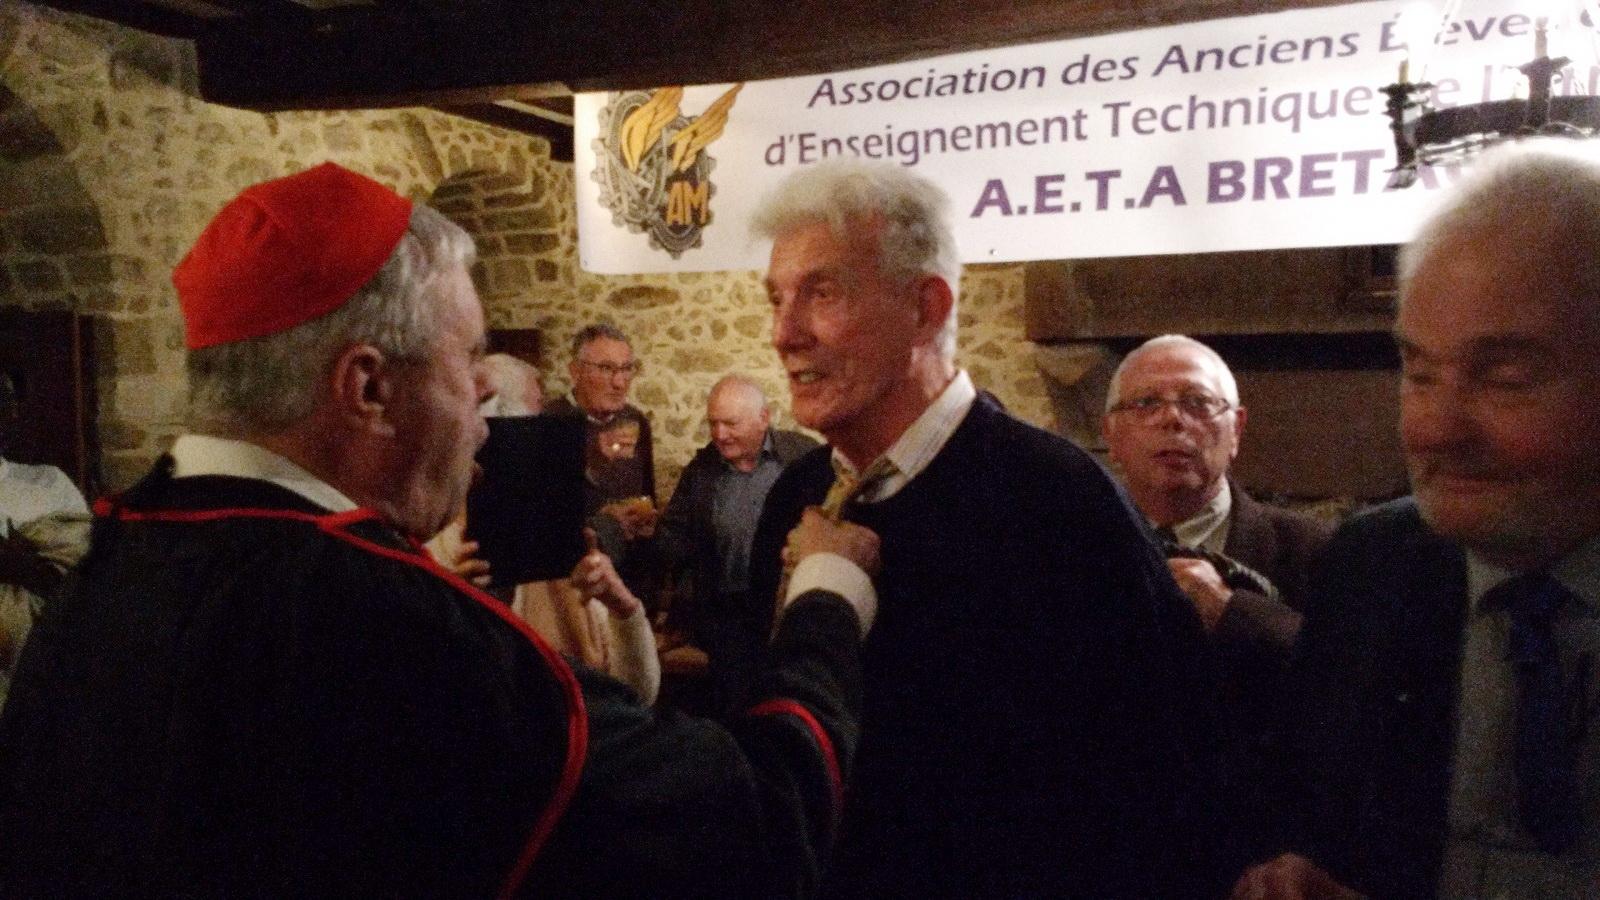 Les arpètes Bretons fêtent la Saint Eloi 19